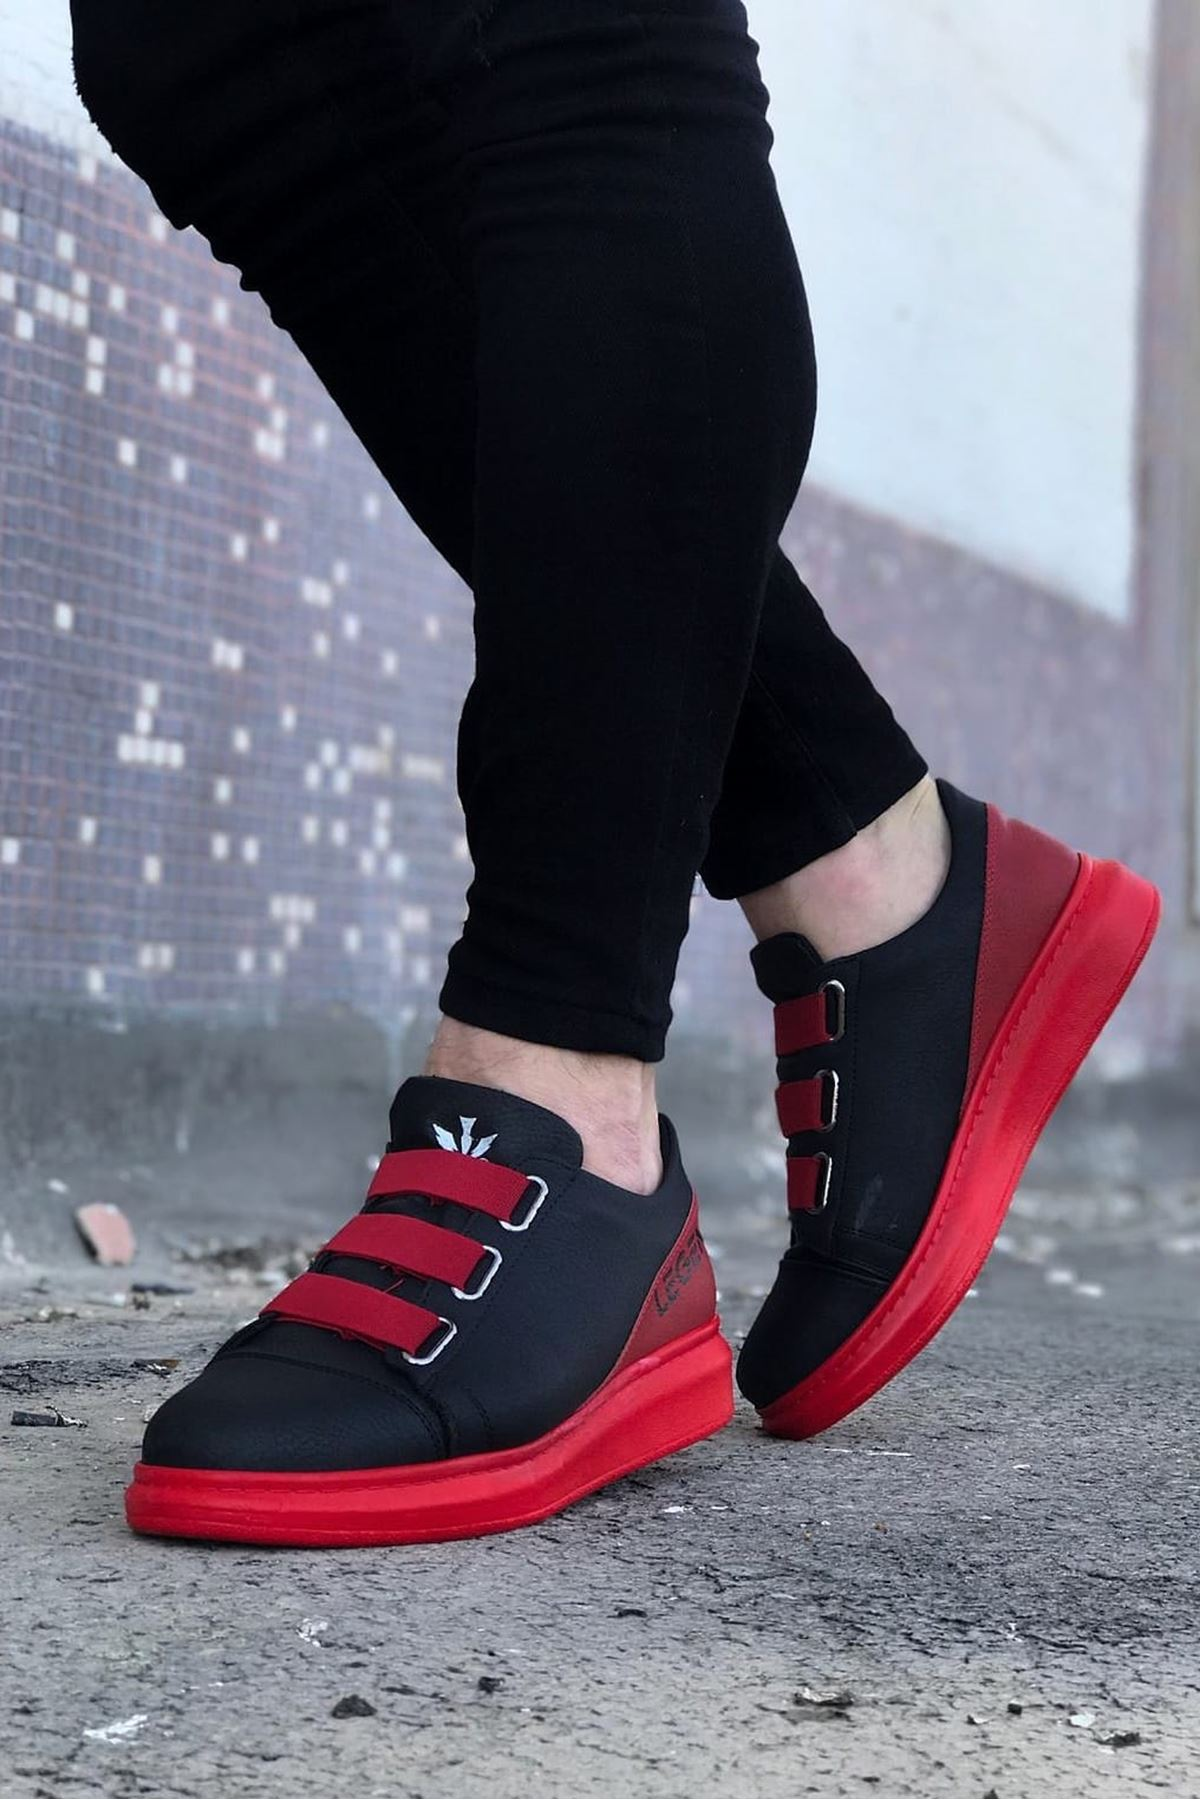 Wagoon WG029 Siyah Kırmızı Kalın Taban Casual Erkek Ayakkabı